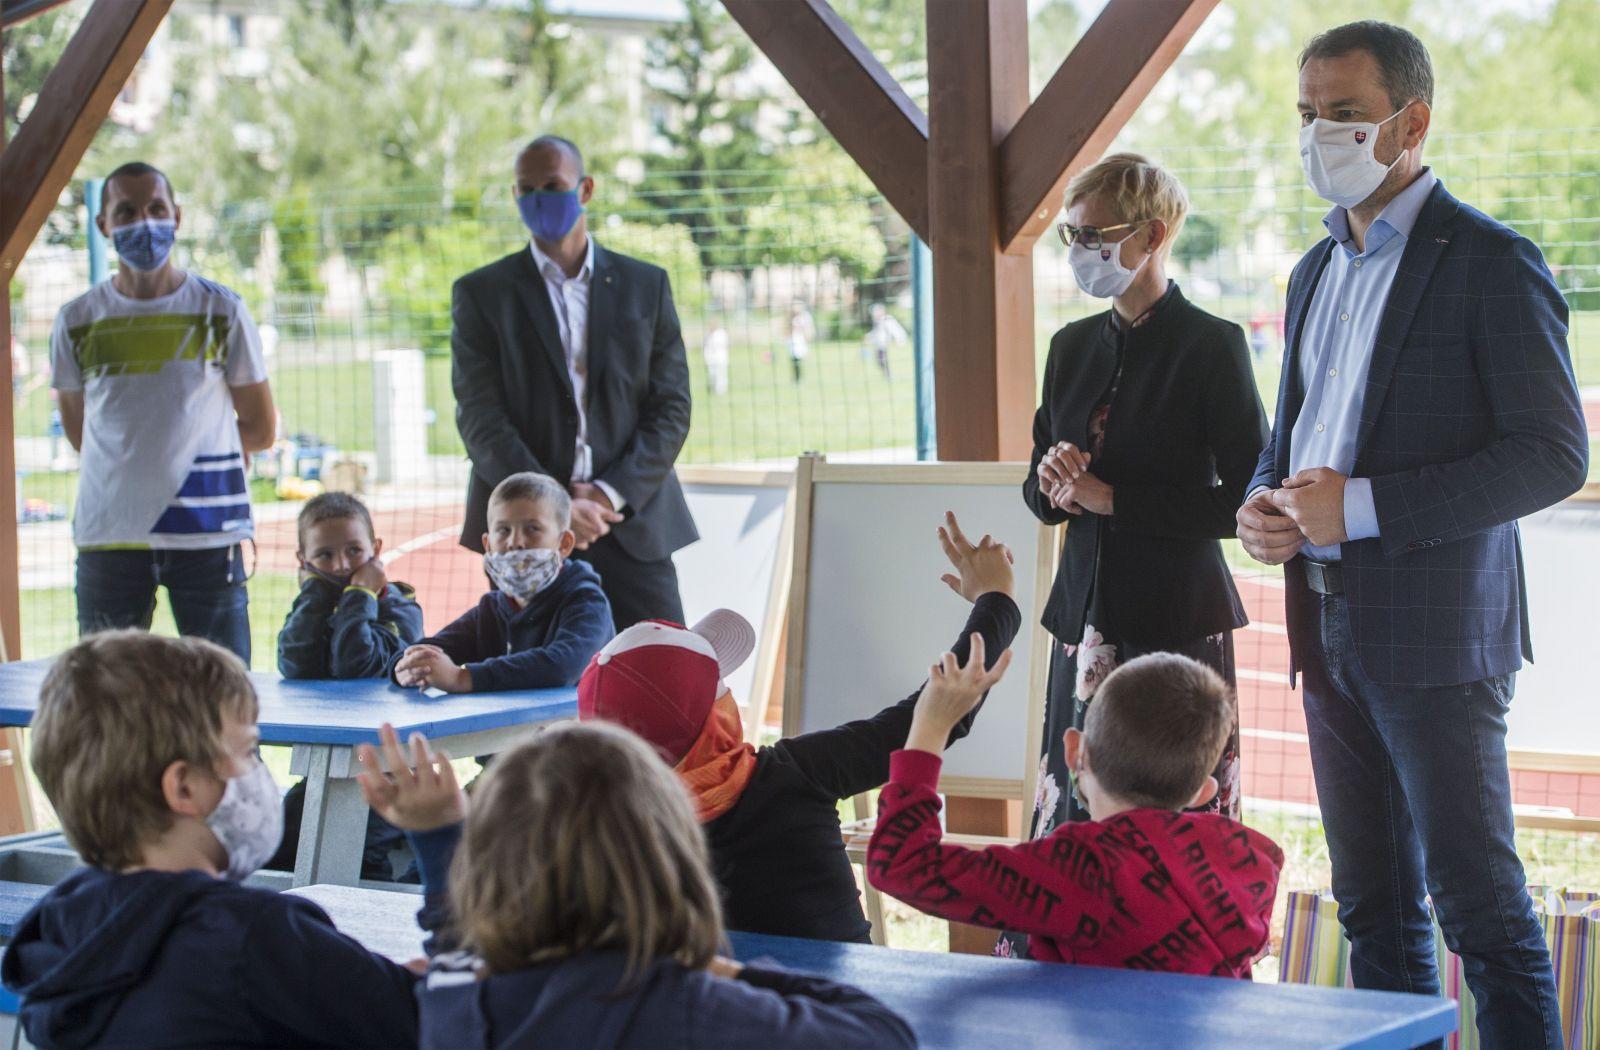 Rád by som sa vrátil do školských lavíc, bolo by to menej starostí, vyhlásil Igor Matovič počas návštevy ružinovskej školy